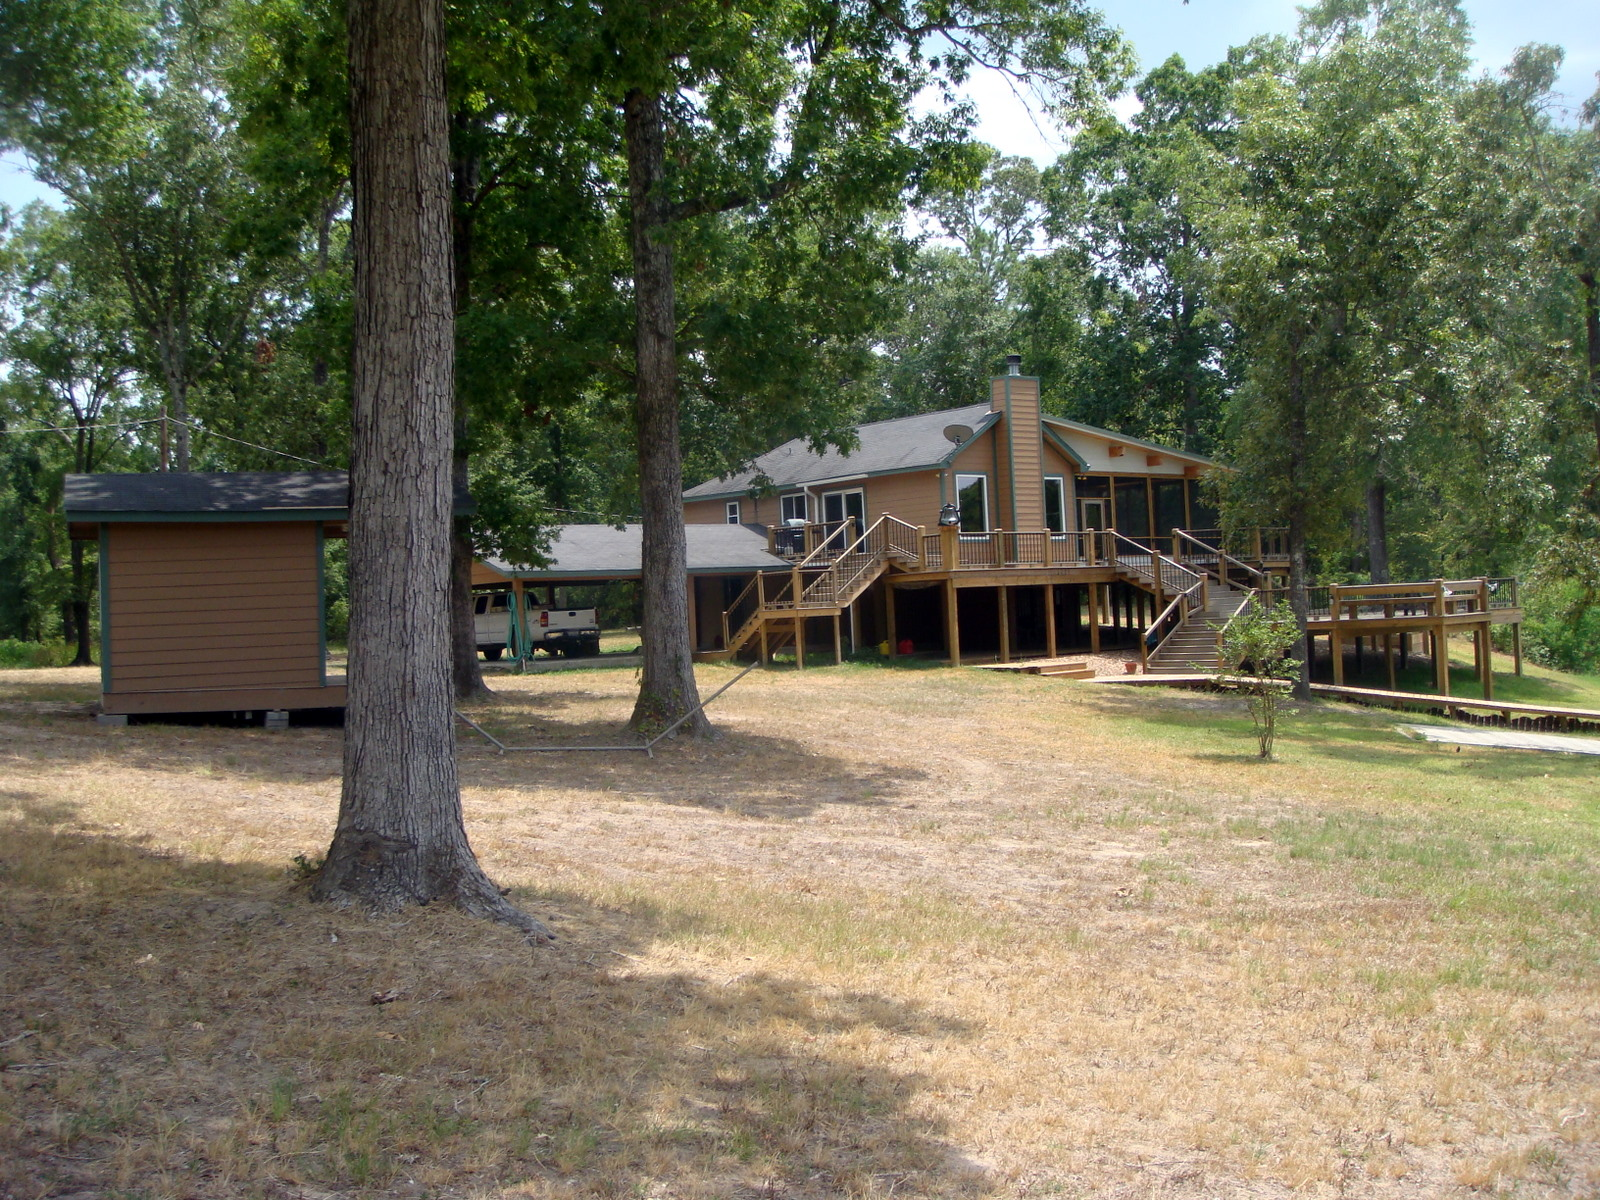 cabin__bunk_house.jpg